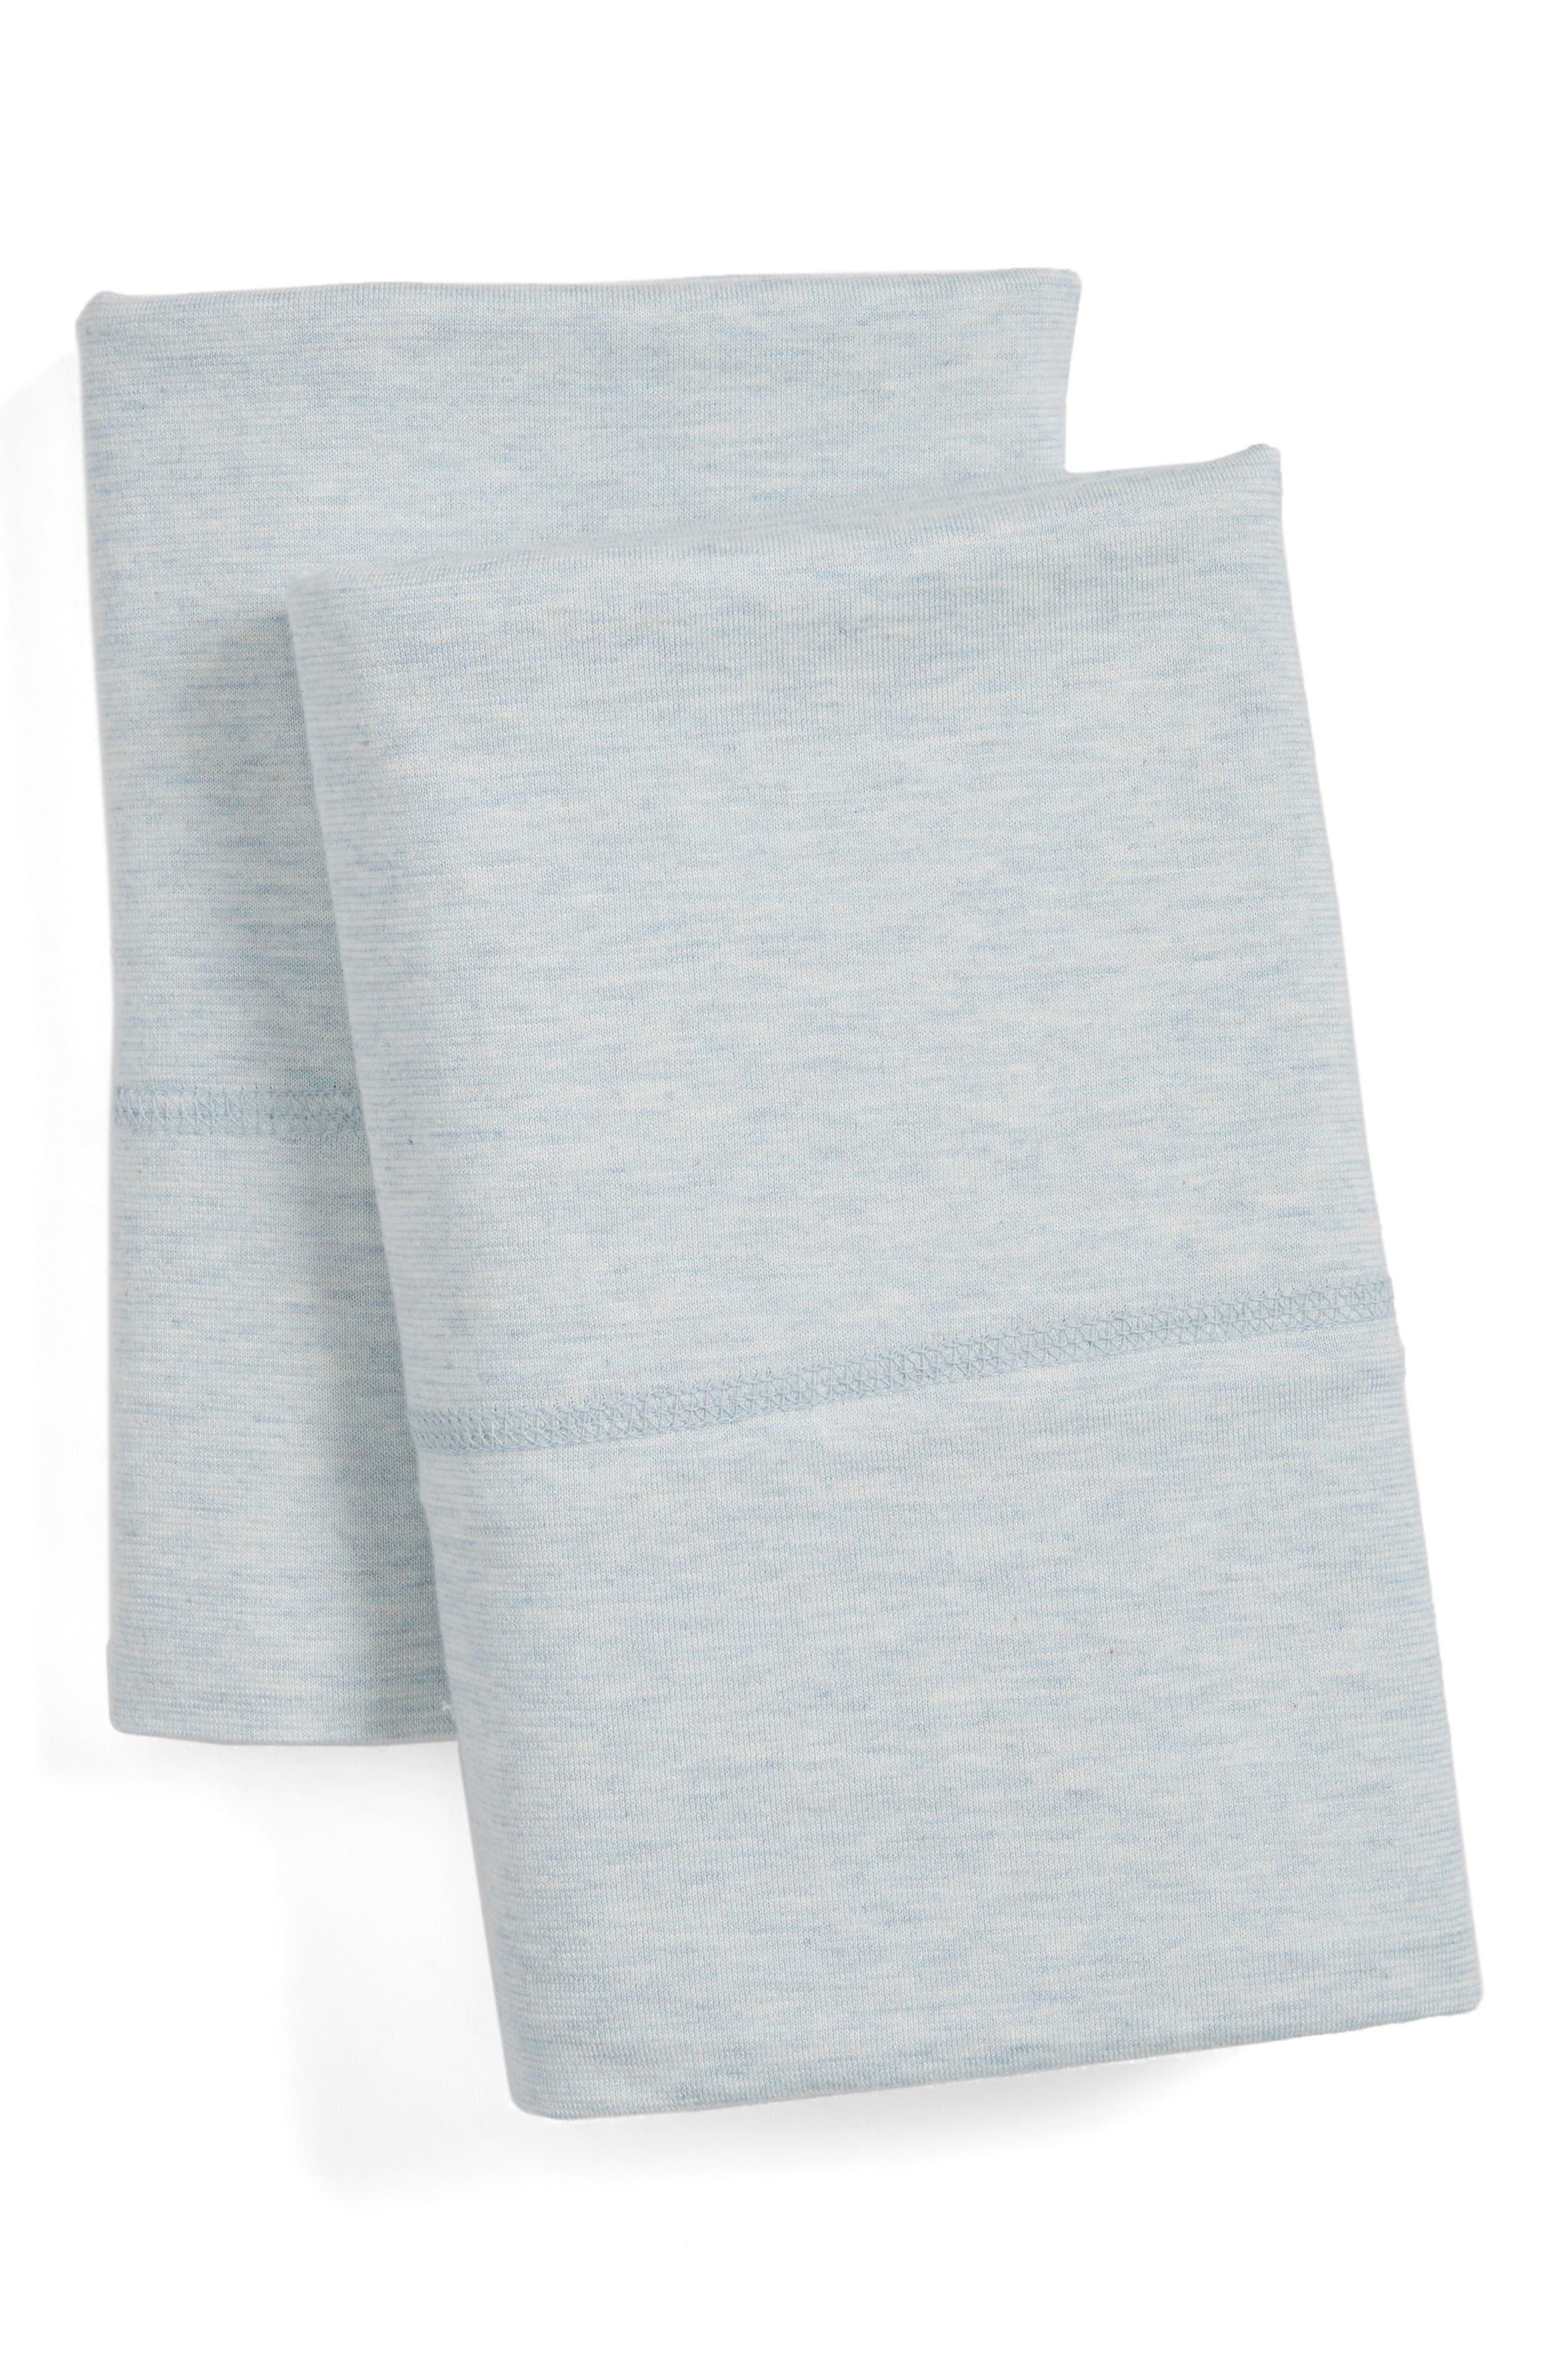 Main Image - Calvin Klein Home Modern Cotton Collection Cotton & Modal Pillowcases